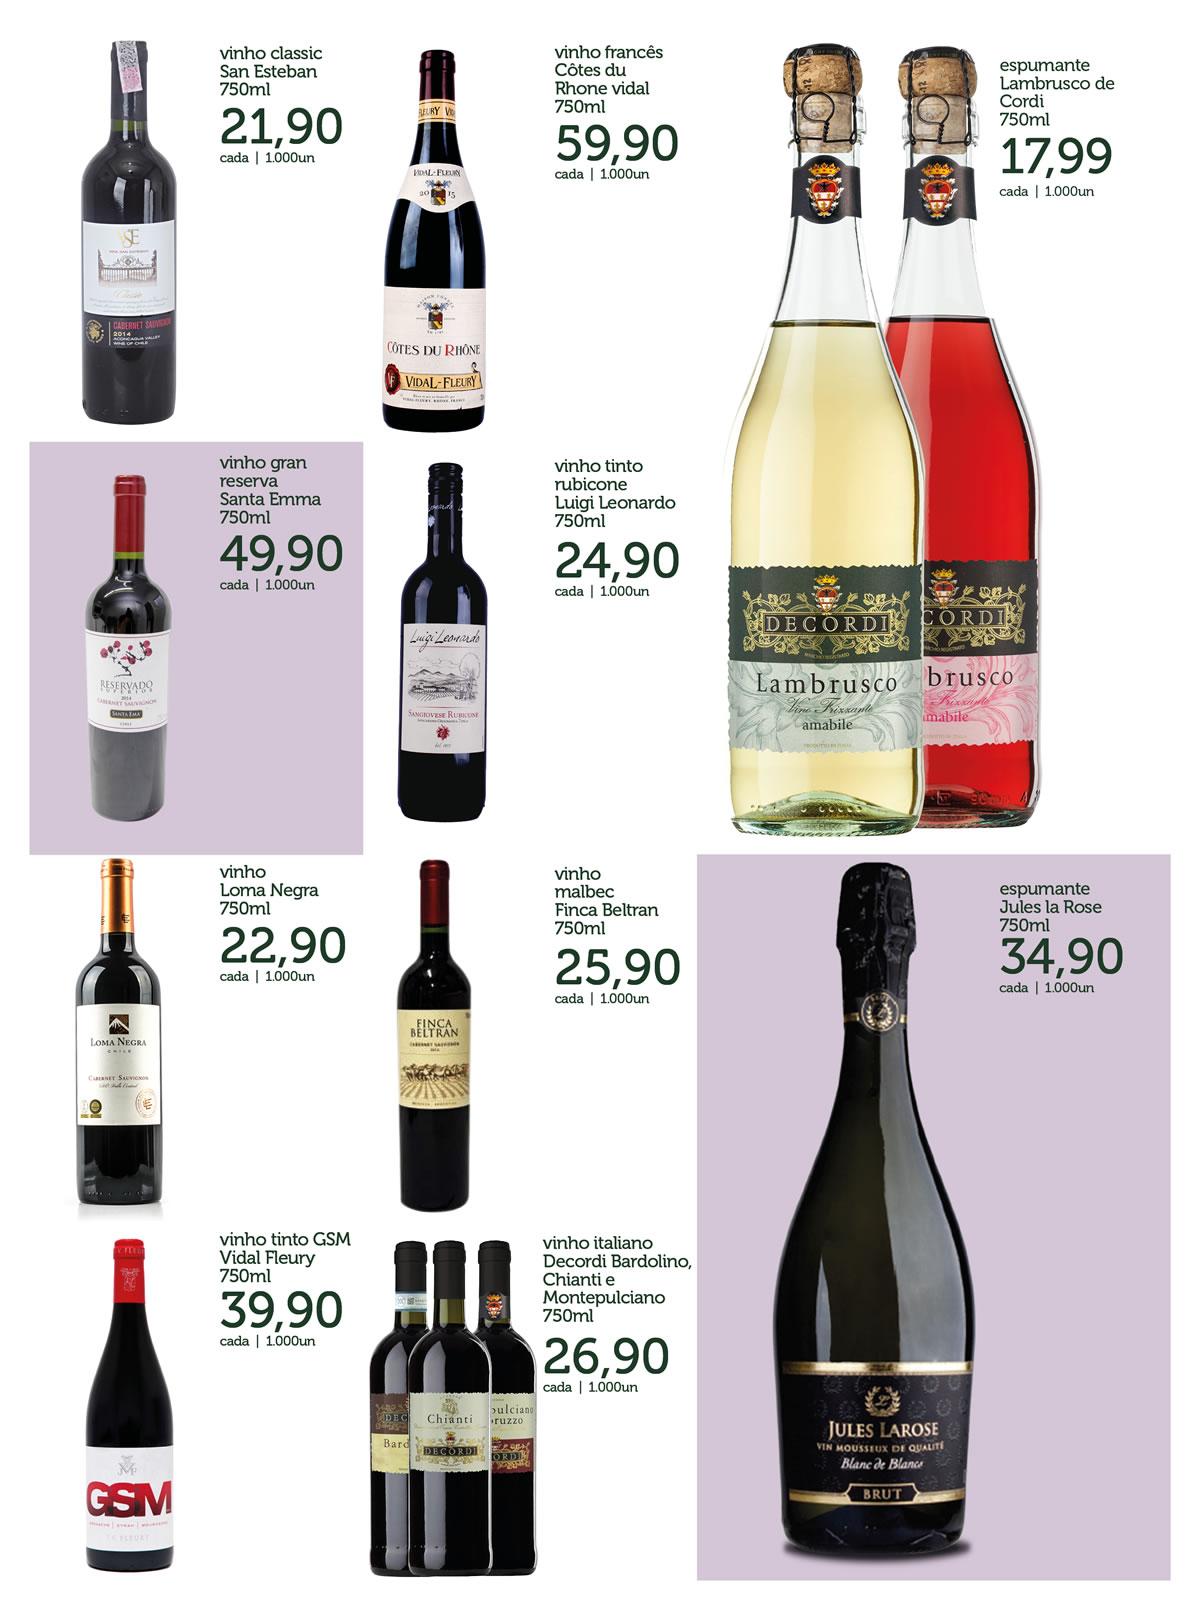 caita_supermercados_tabloide_abril_joacaba_11